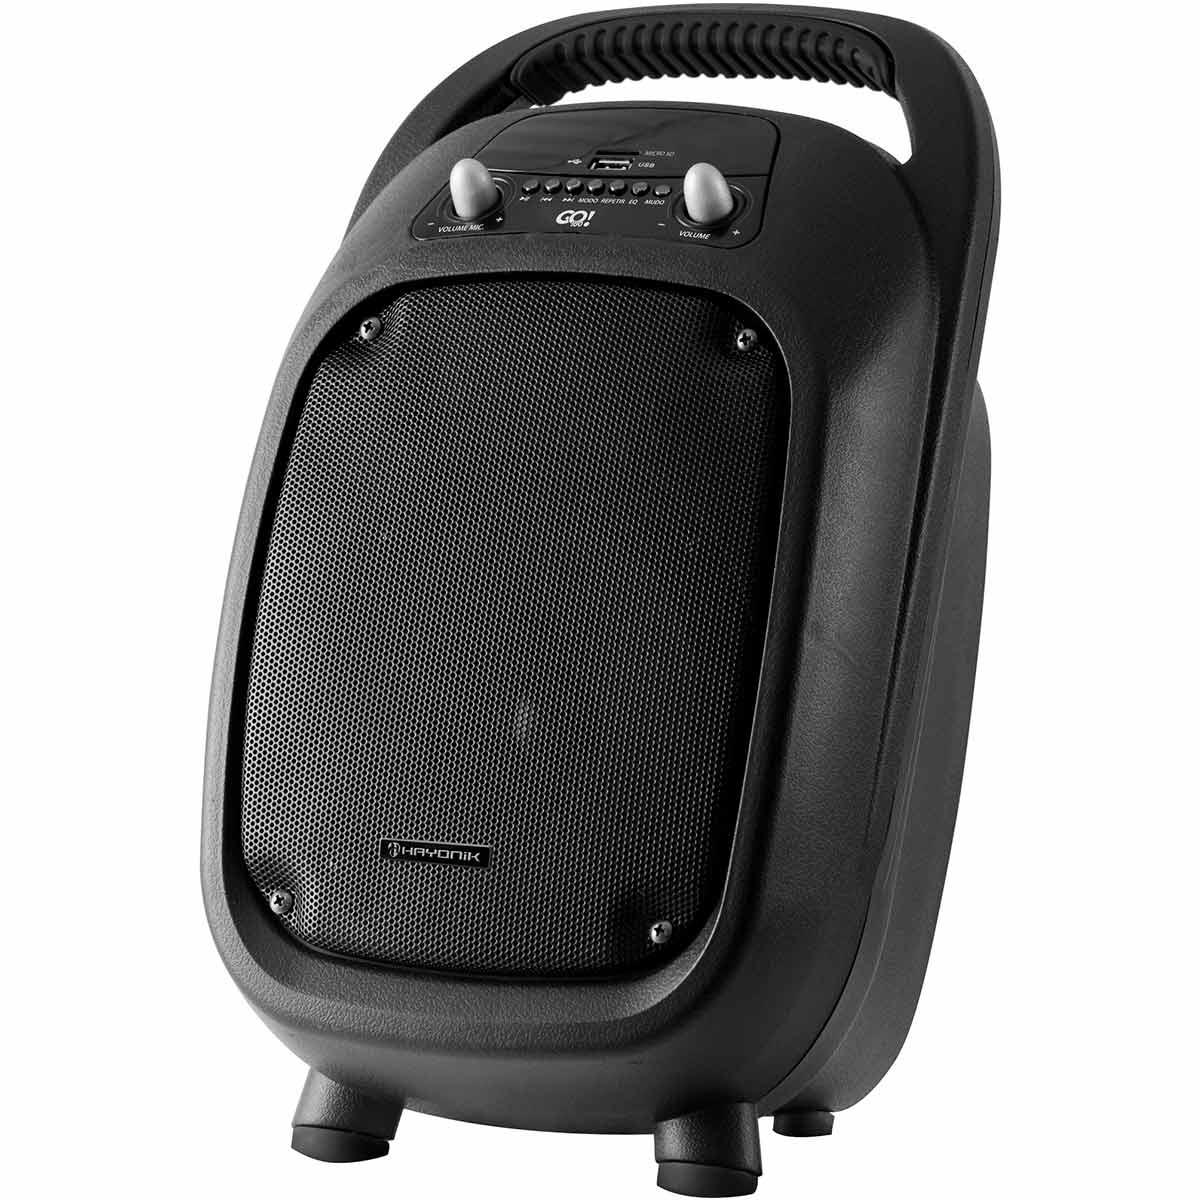 GO100 - Caixa Port�til 100W c/ Bateria, Bluetooth e USB GO 100 - Hayonic